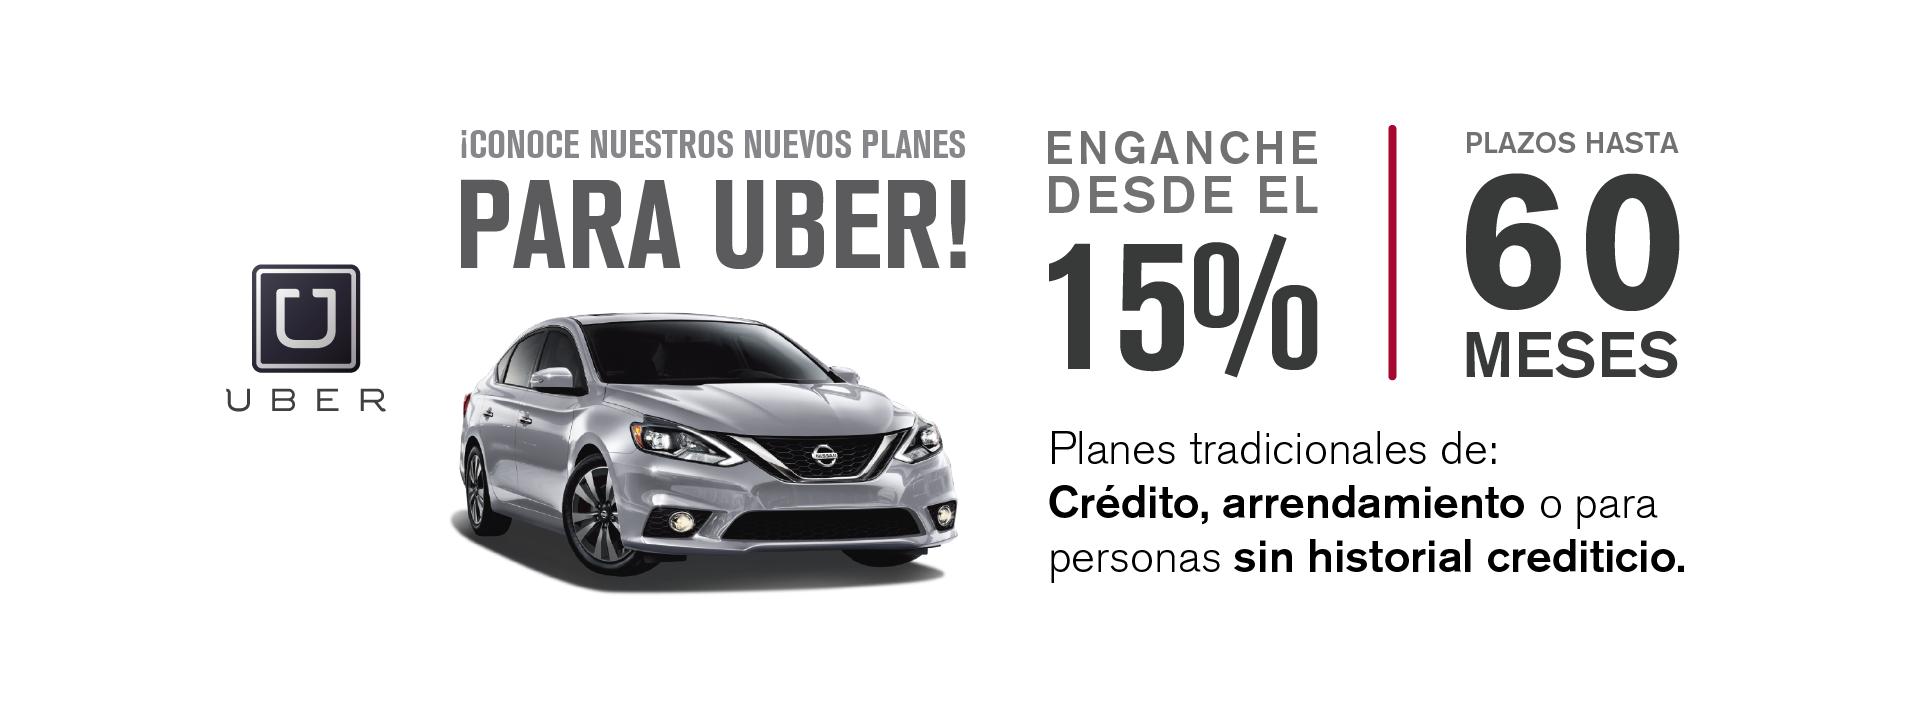 Planes Uber Financiamiento Beneficios Toluca Zinacantepec San Luis Almoloya Metepec